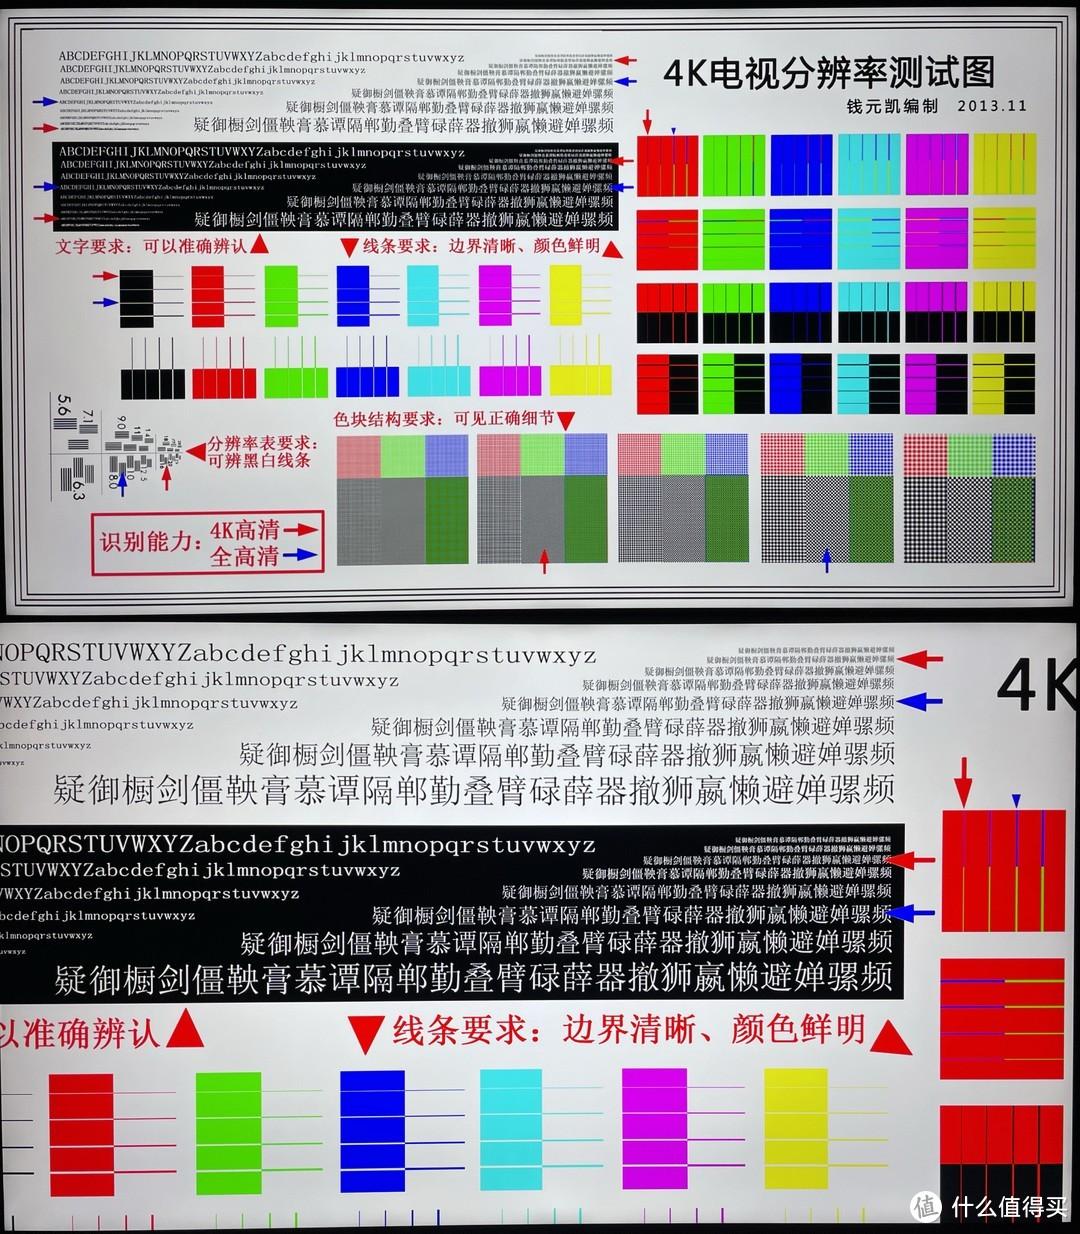 4K清晰度测试图放大后仍能清晰可见